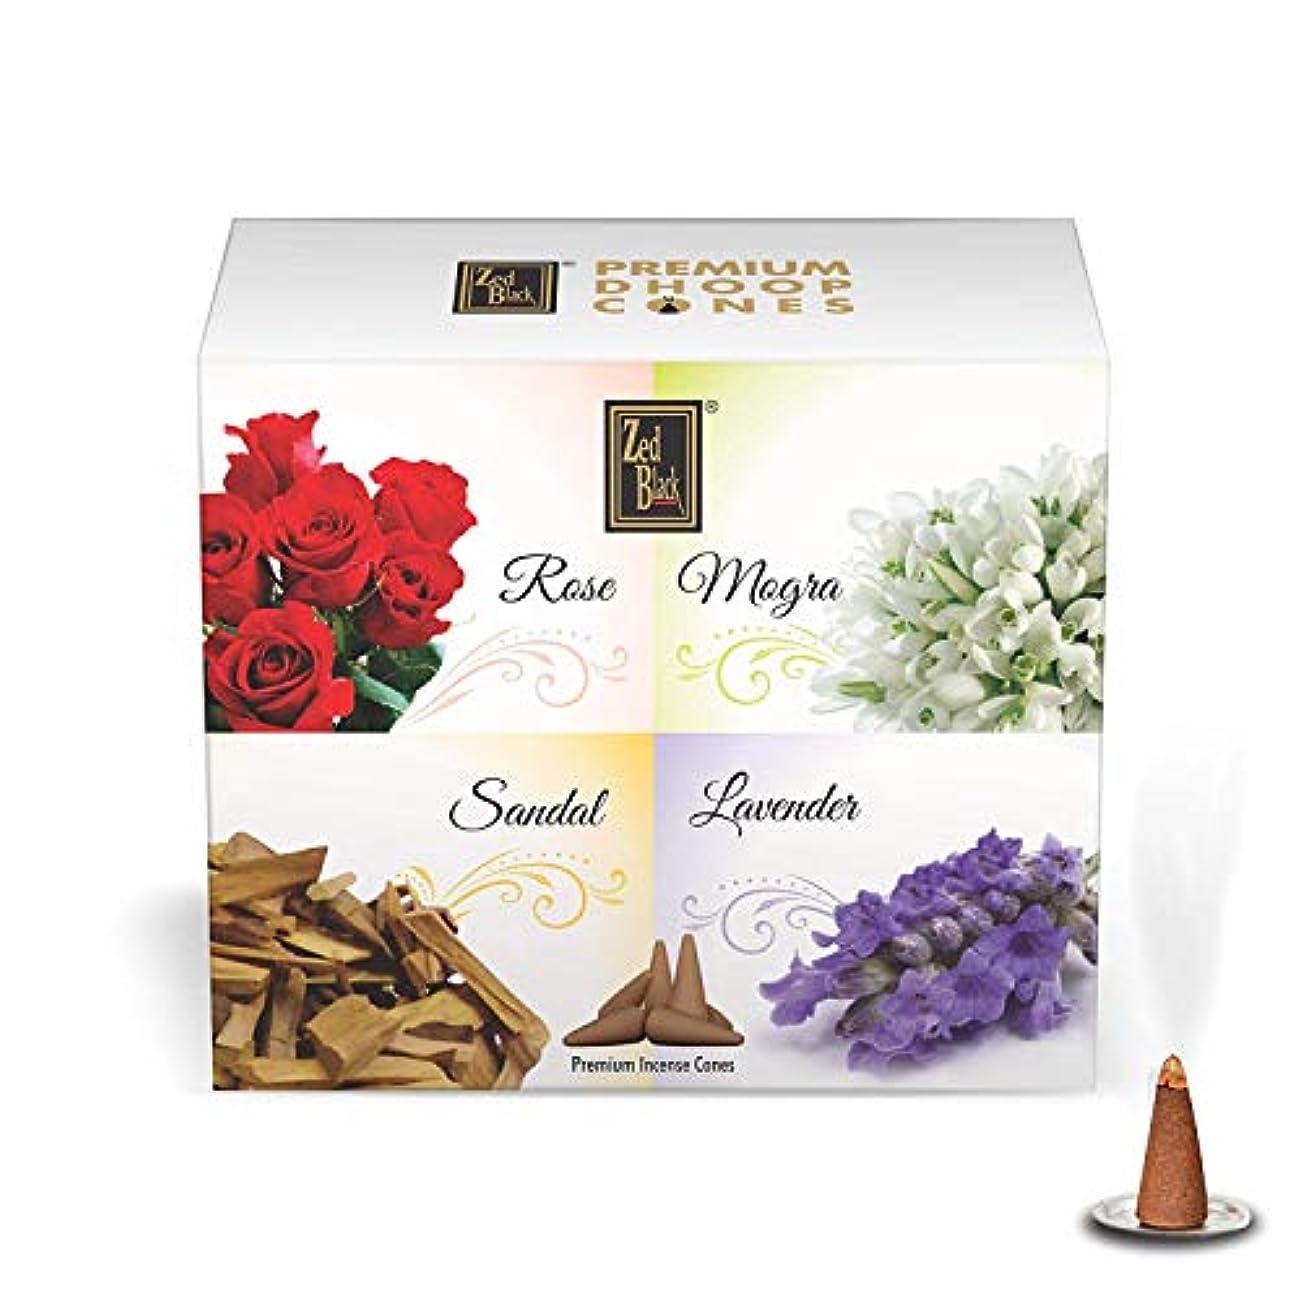 ご近所ワイプ神話Zed Black Dhoop Cones Boxes (Rose, Mogra, Sandal and Lavender) - Pack of 12